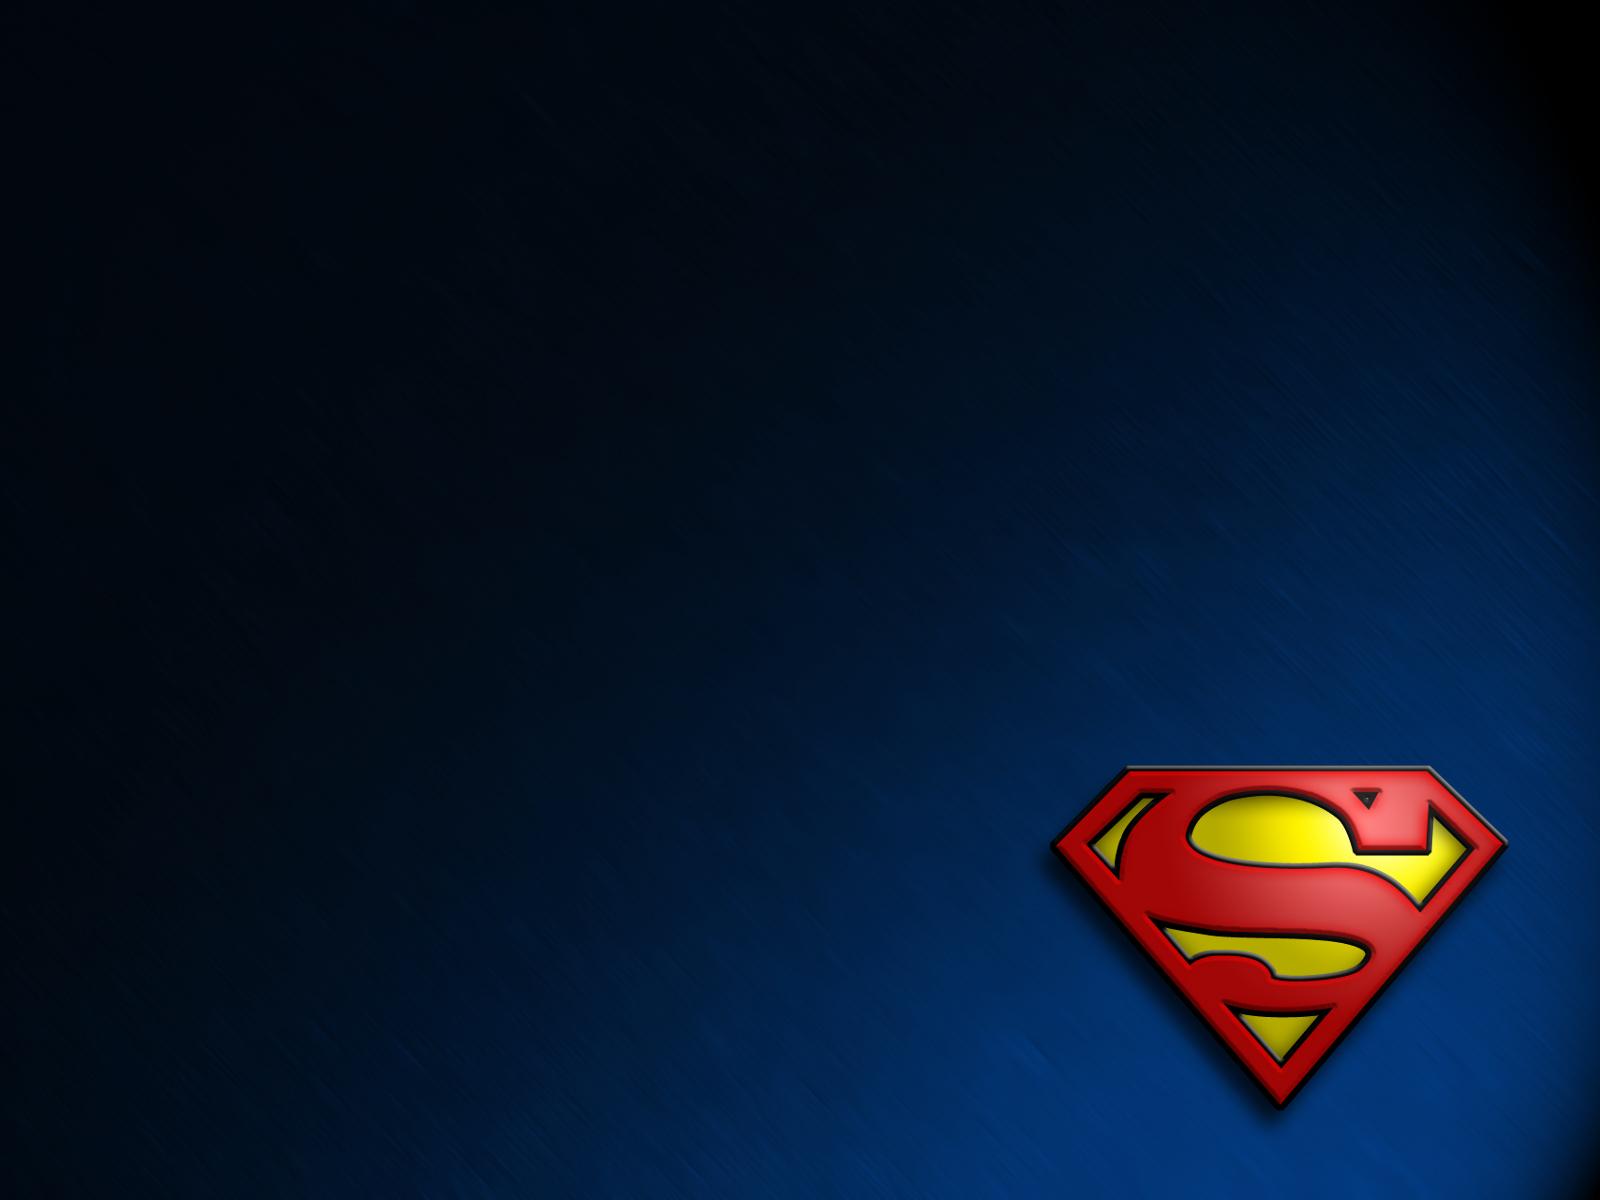 Superman Wallpapers de Superman Fondos de escritorio de Superman 1600x1200